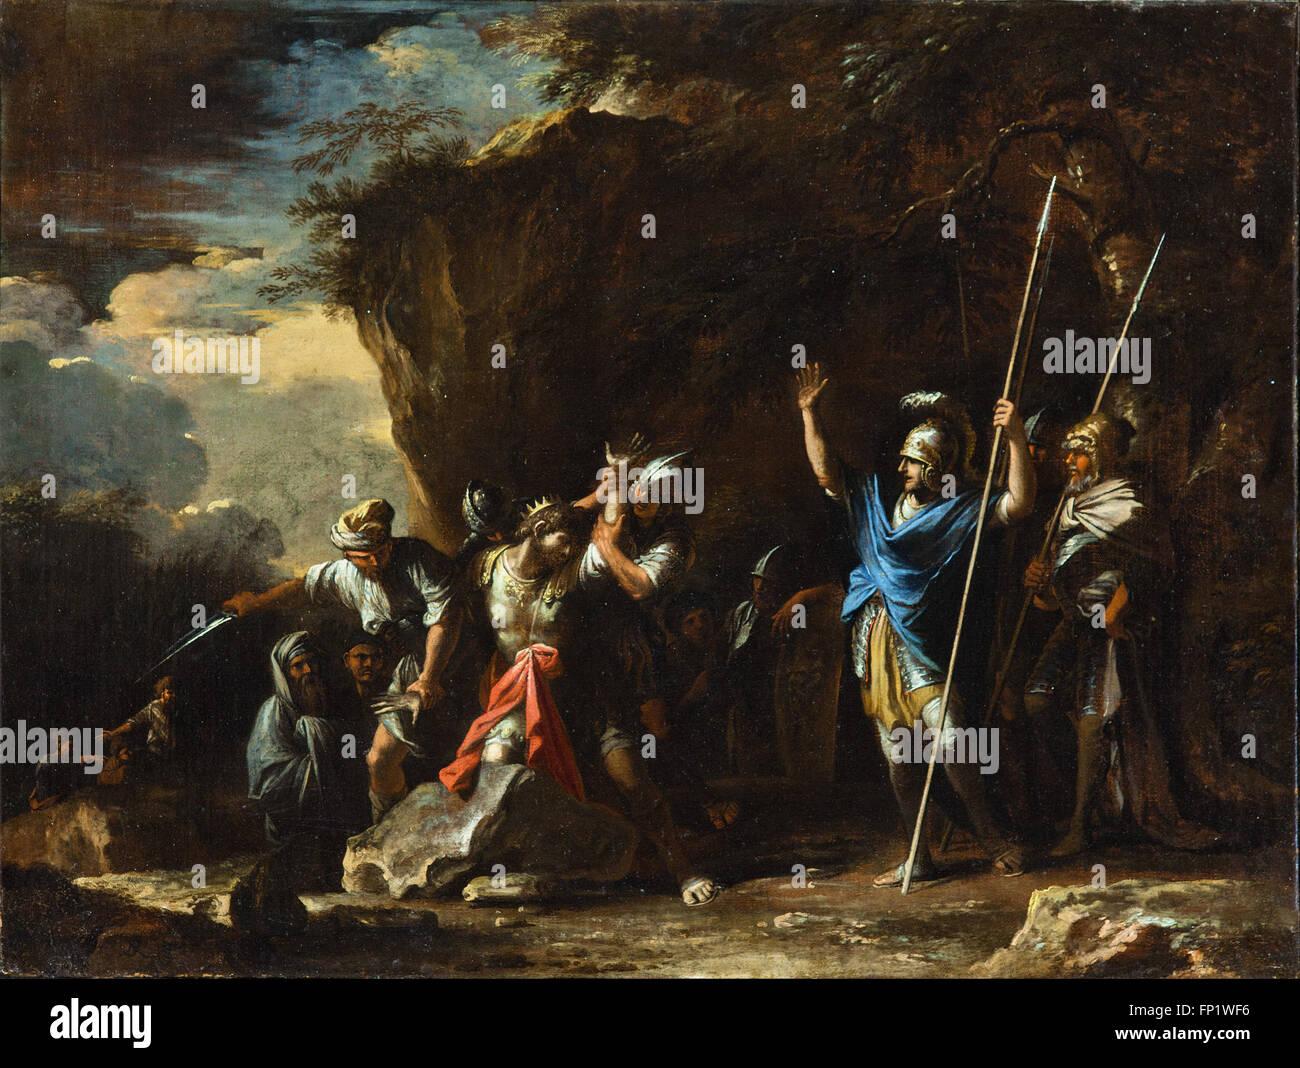 Salvator Rosa - Scena dalla storia greca- sordomuto figlio di Re Creso Immagini Stock